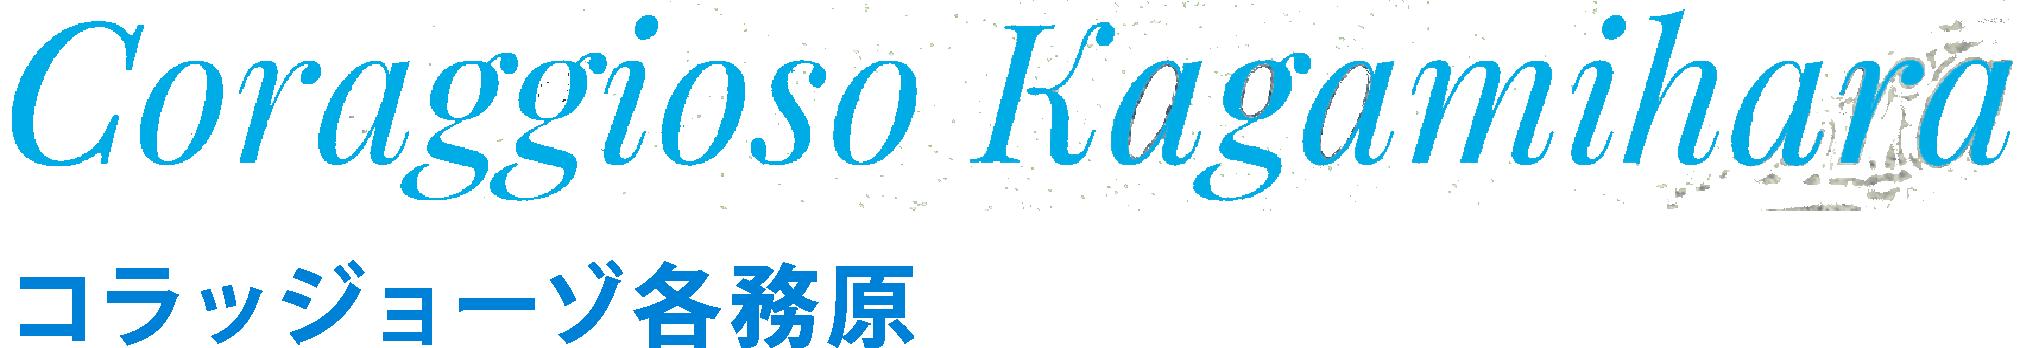 岐阜県各務原市のサッカースクール、サッカー教室|Coraggioso kagamihara